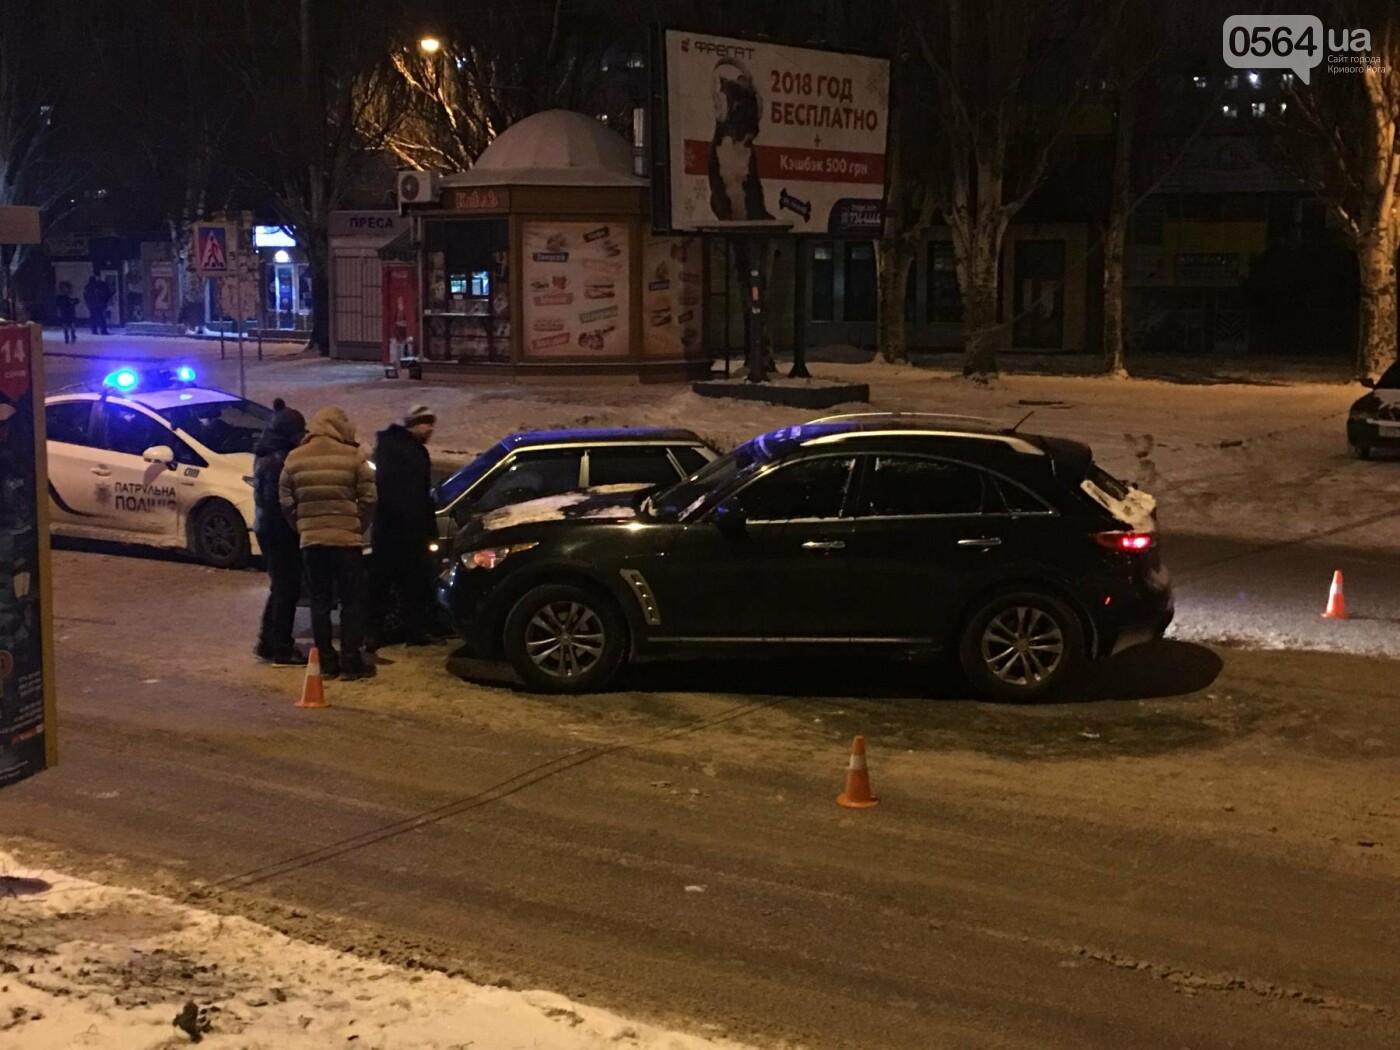 ДТП в Кривом Роге: Перед пешеходным переходом столкнулись ВАЗ и Инфинити (ФОТО), фото-2